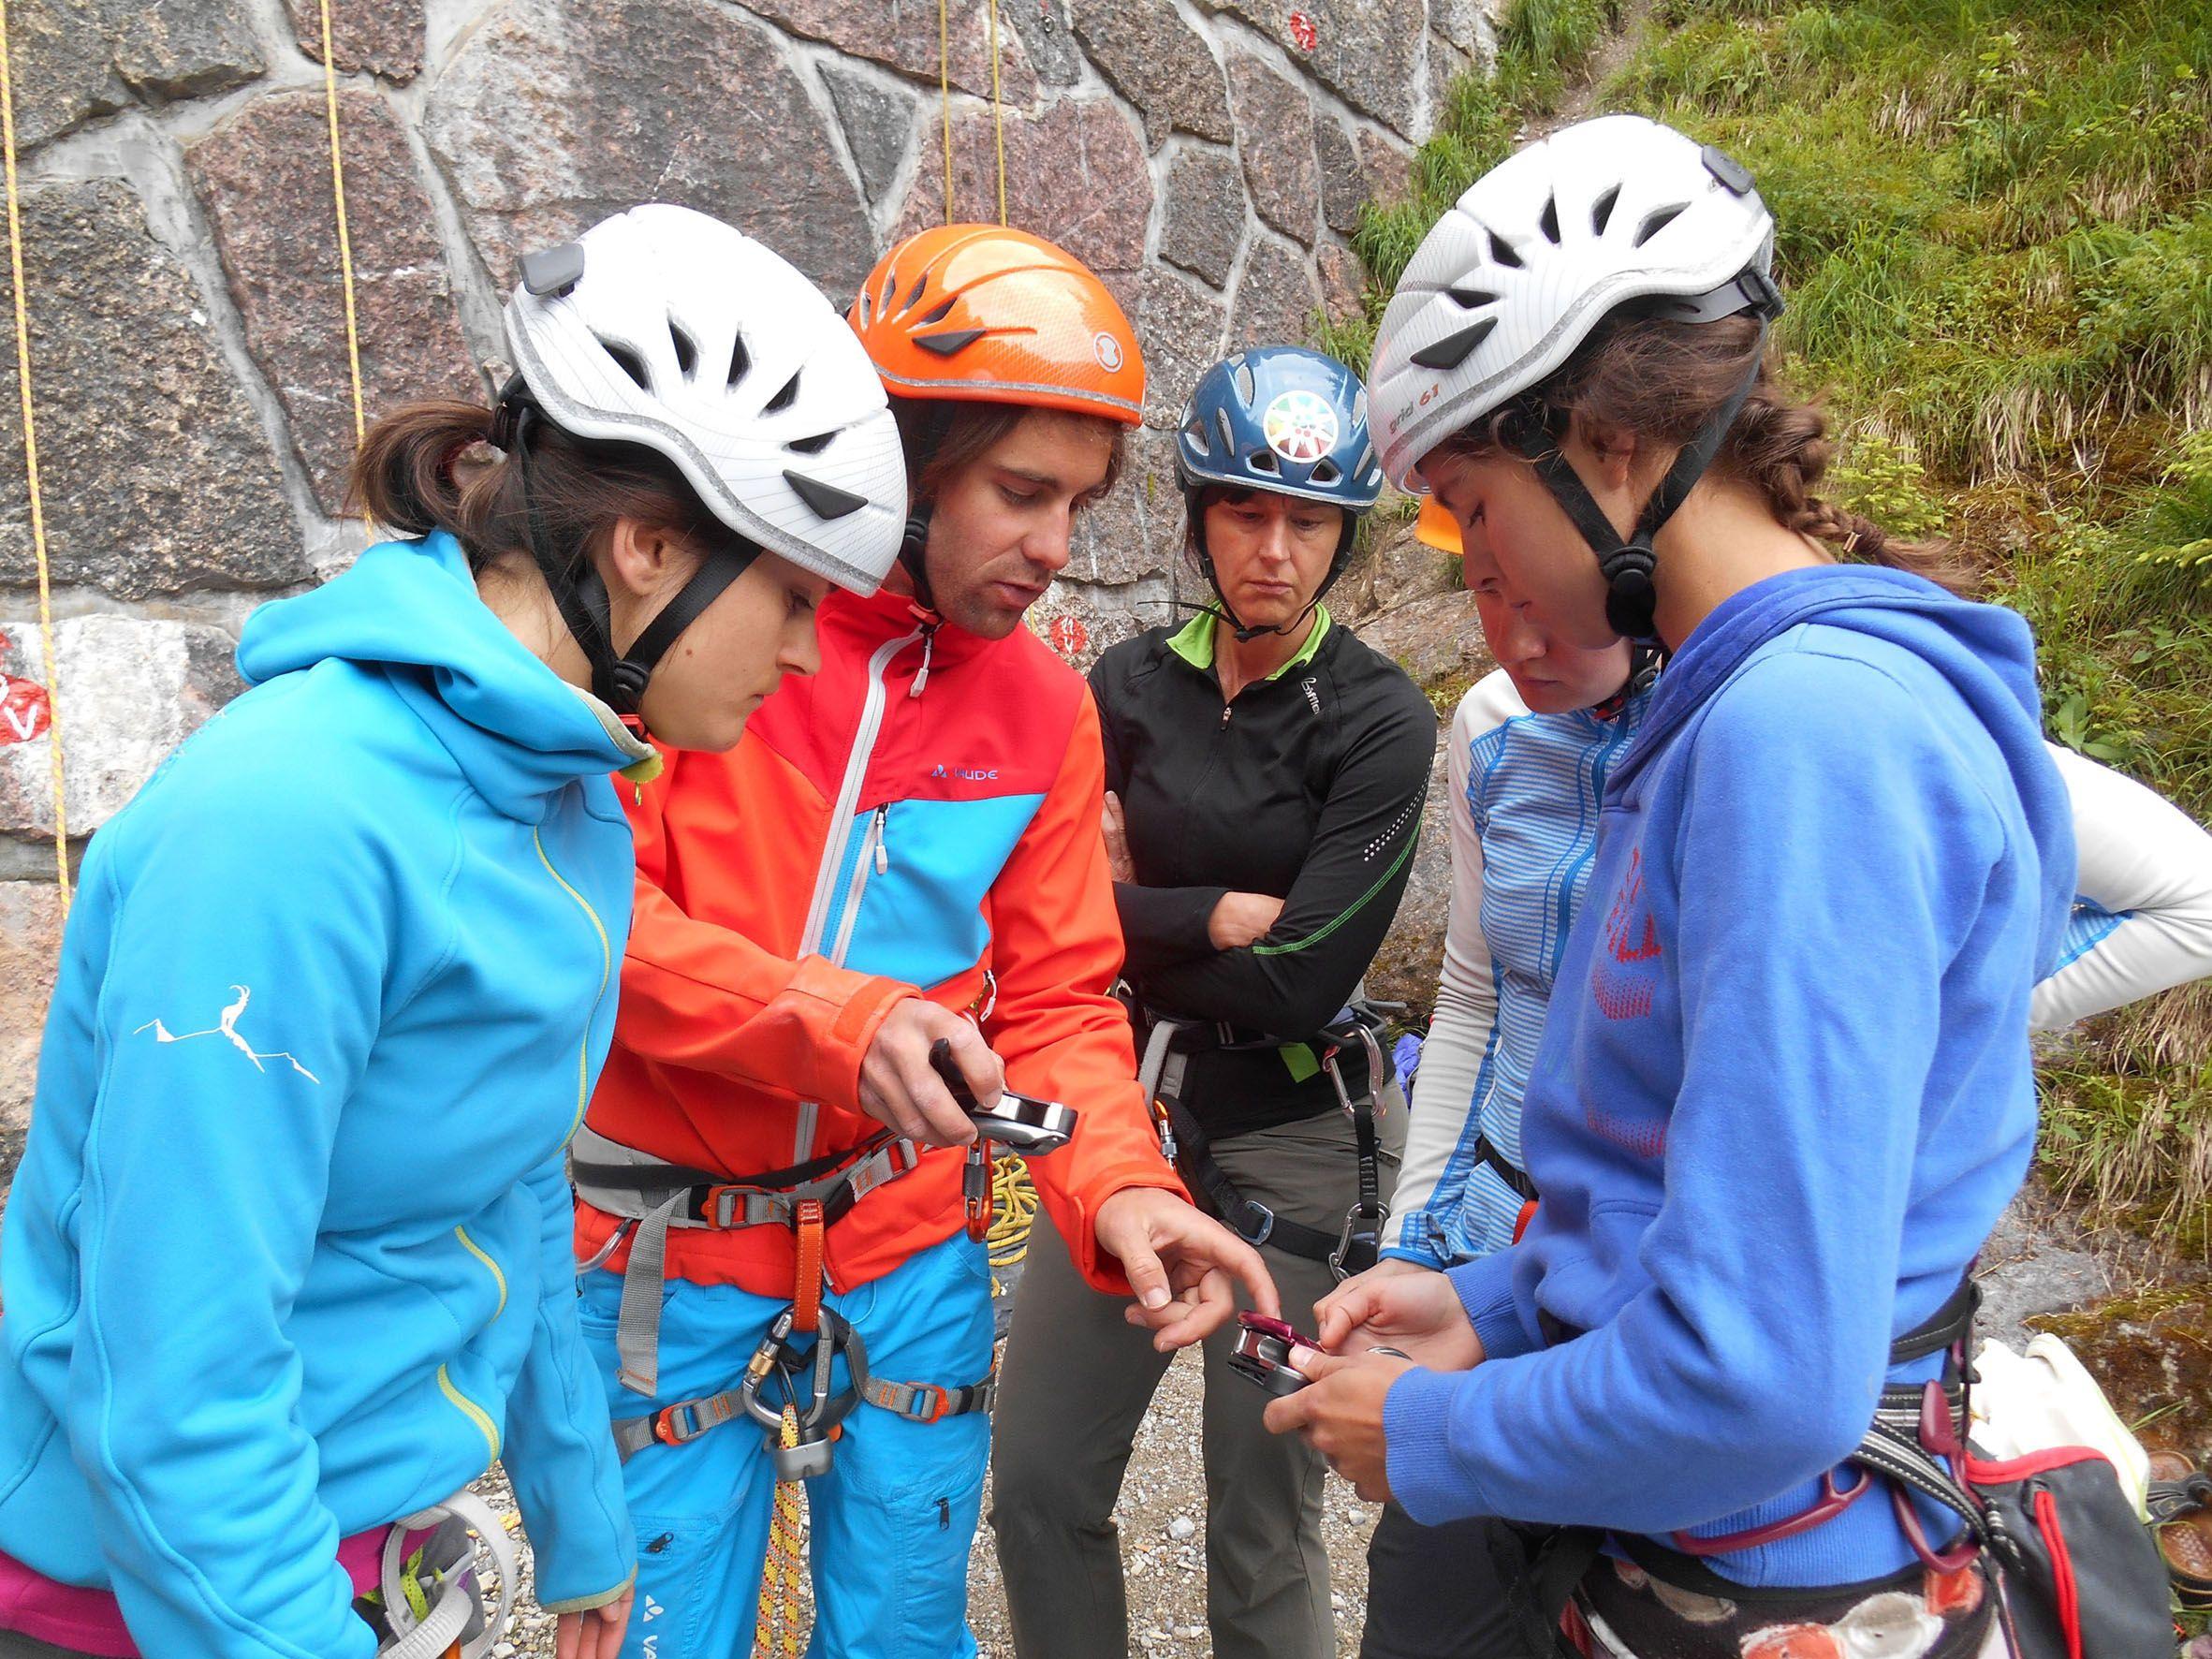 Kletterausrüstung Verleih Innsbruck : Sieben kostenlose climbing camps